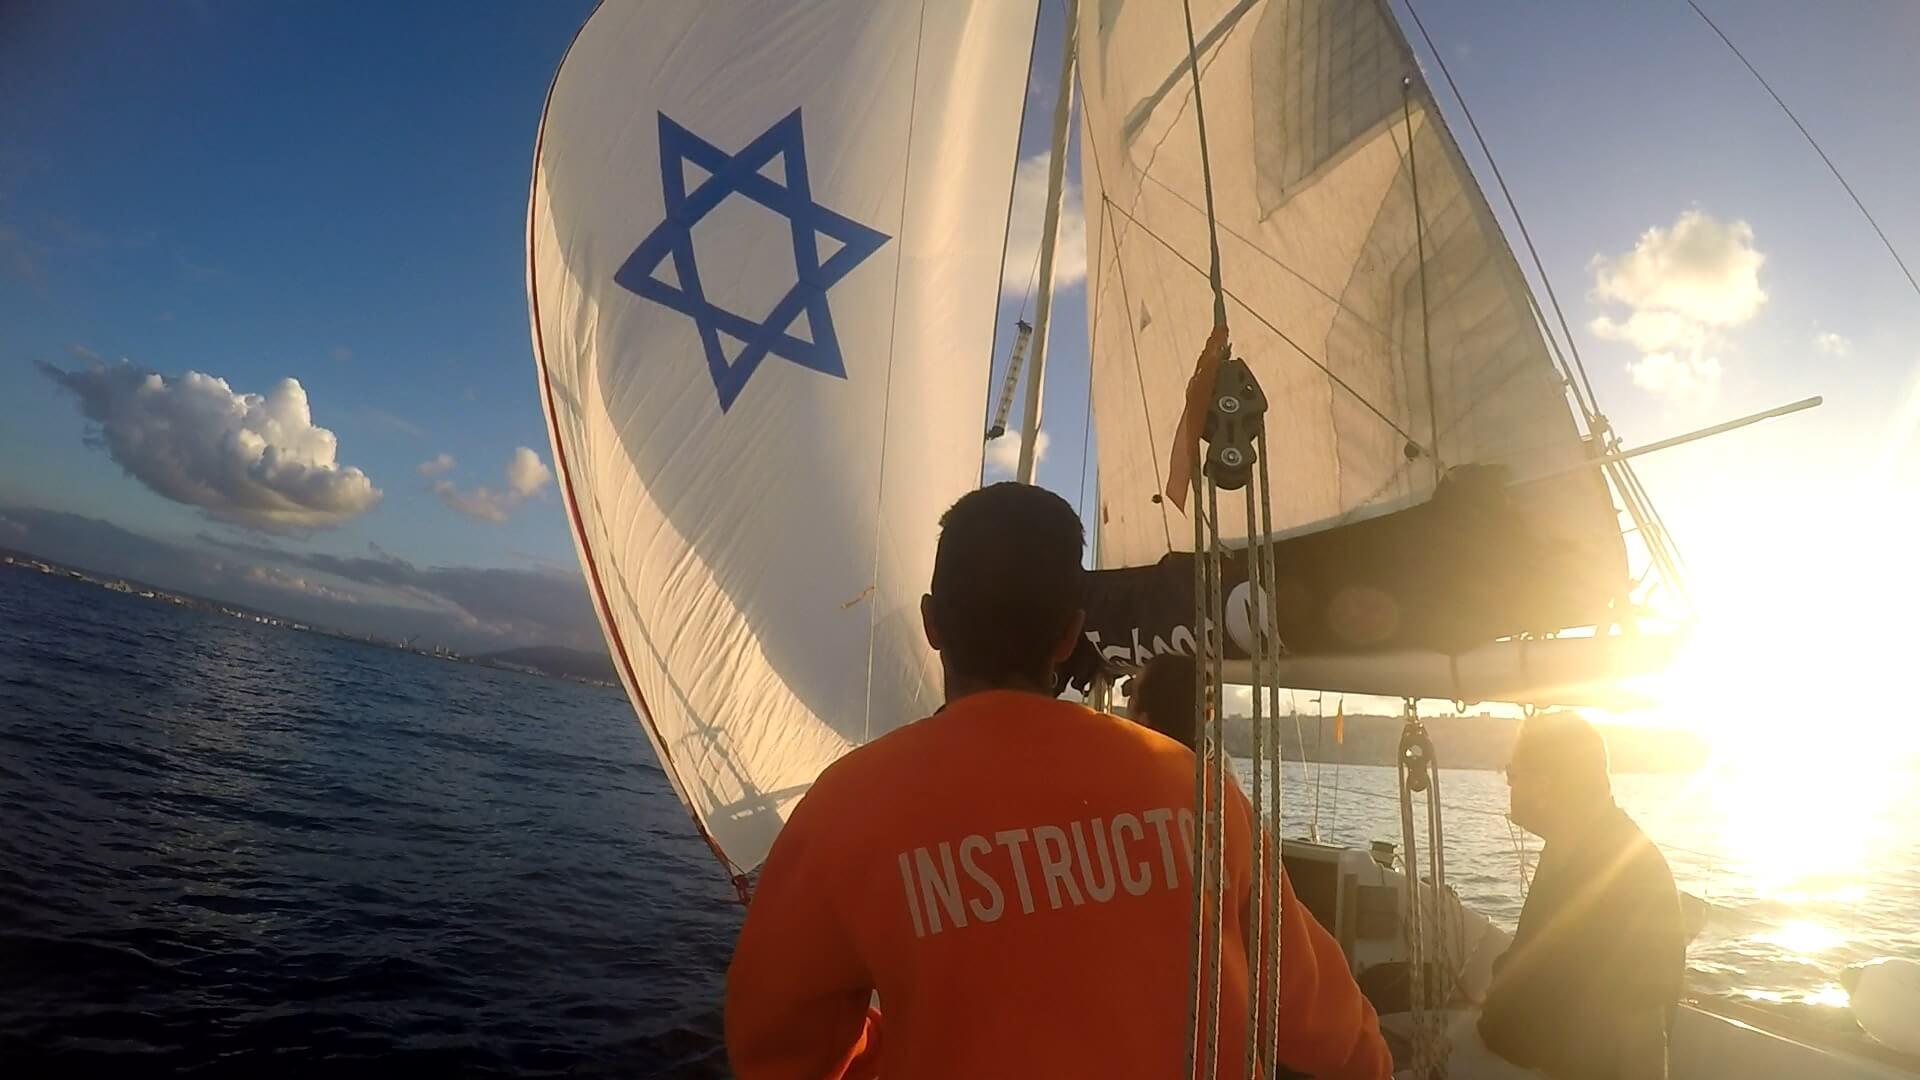 מיקי וינשטיין-דל ישראל מונף בספינה